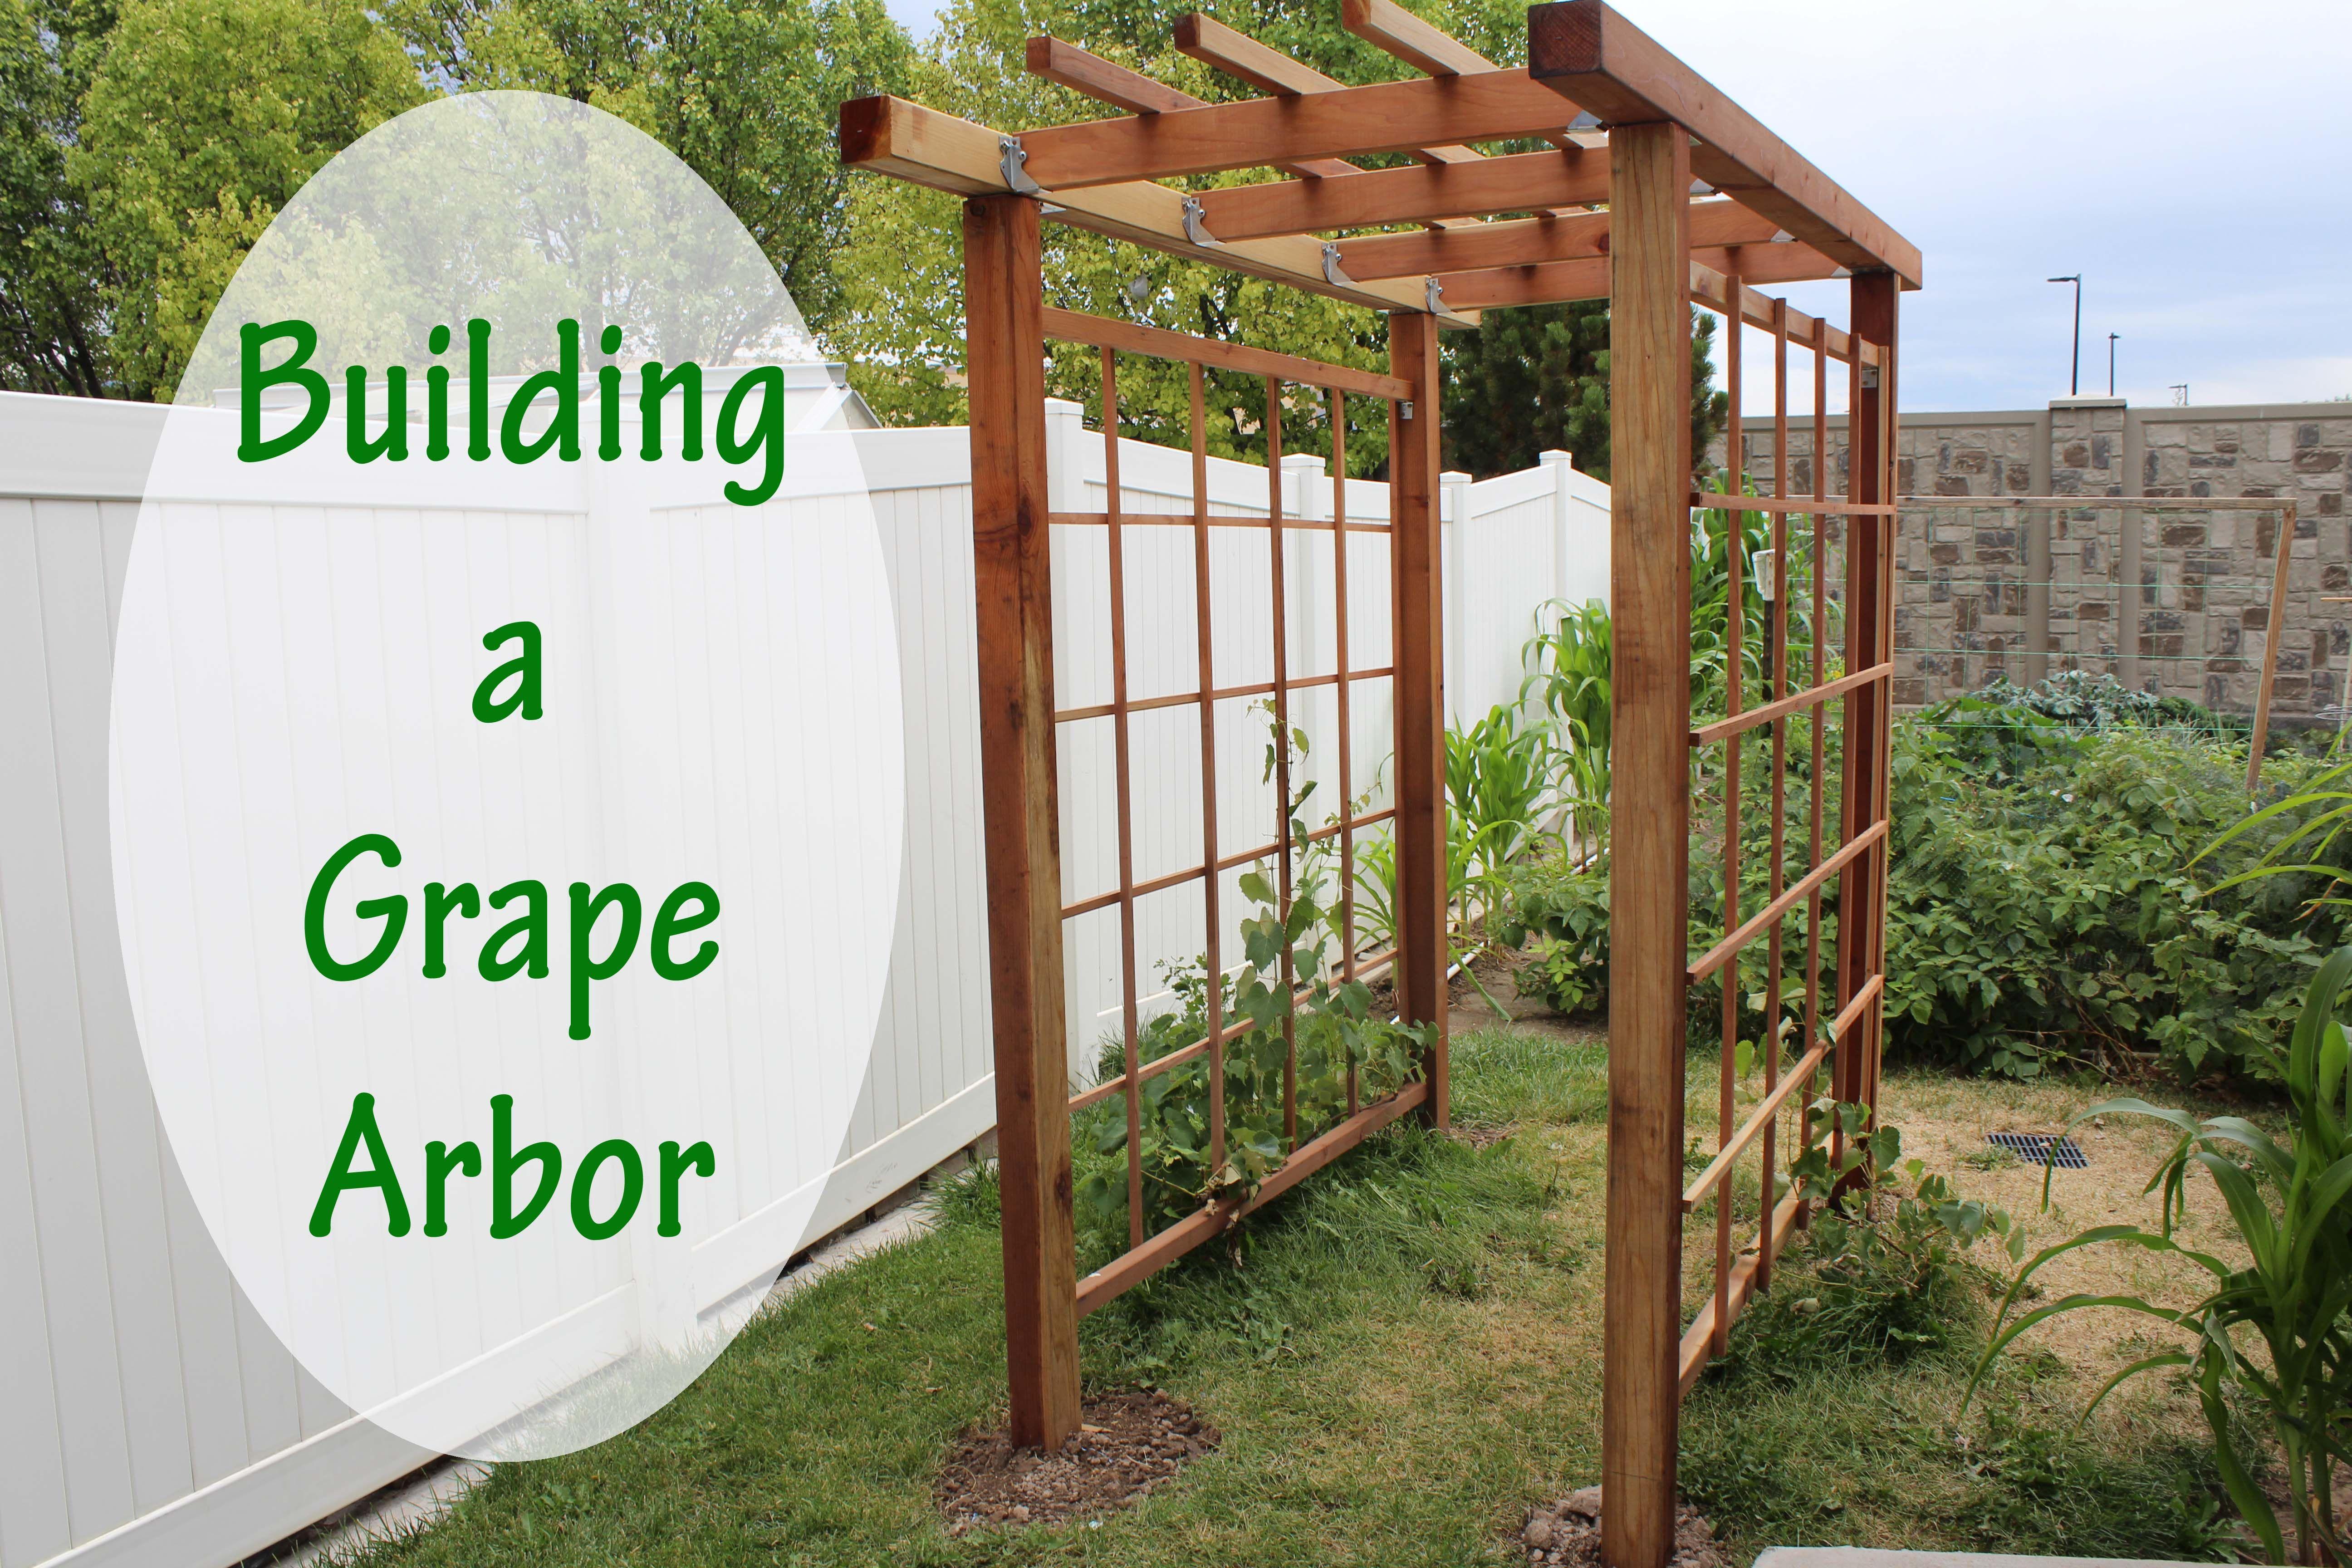 Building A Grape Arbor In Your Backyard Garden Grape 400 x 300